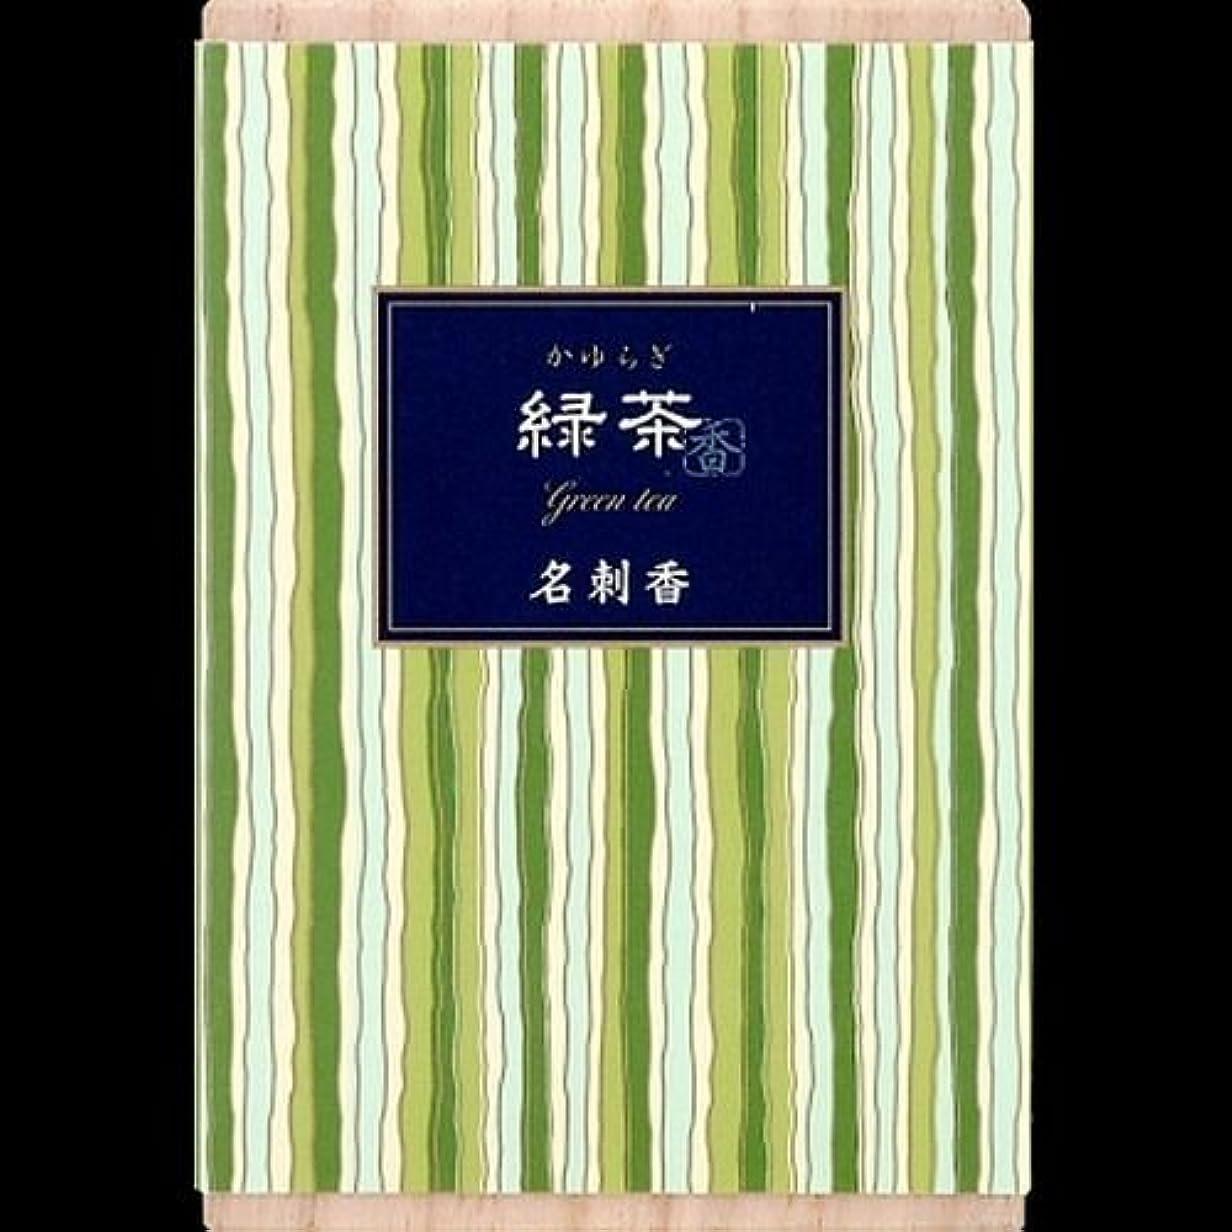 レーニン主義提案する進化【まとめ買い】かゆらぎ 緑茶 名刺香 桐箱 6入 ×2セット